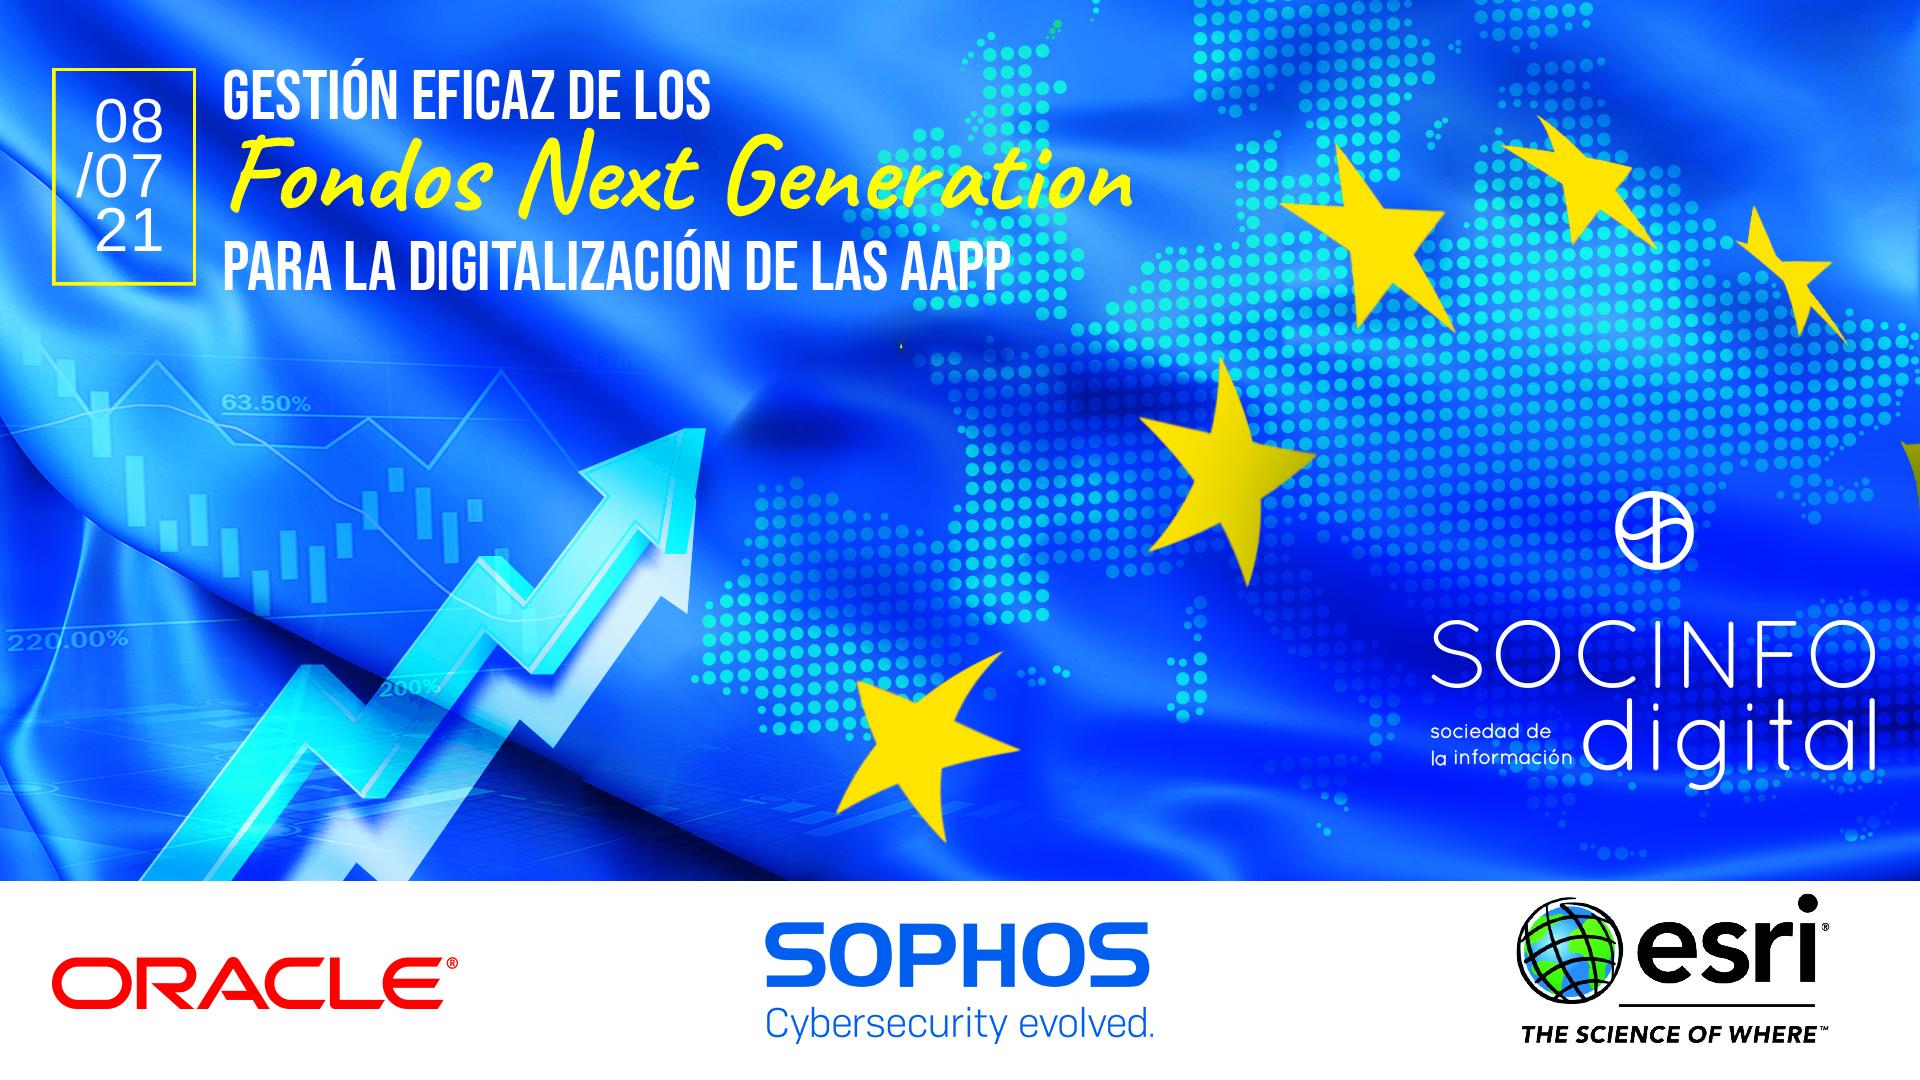 Gestión eficaz de los Fondos Next Generation para la Digitalización de las AAPP